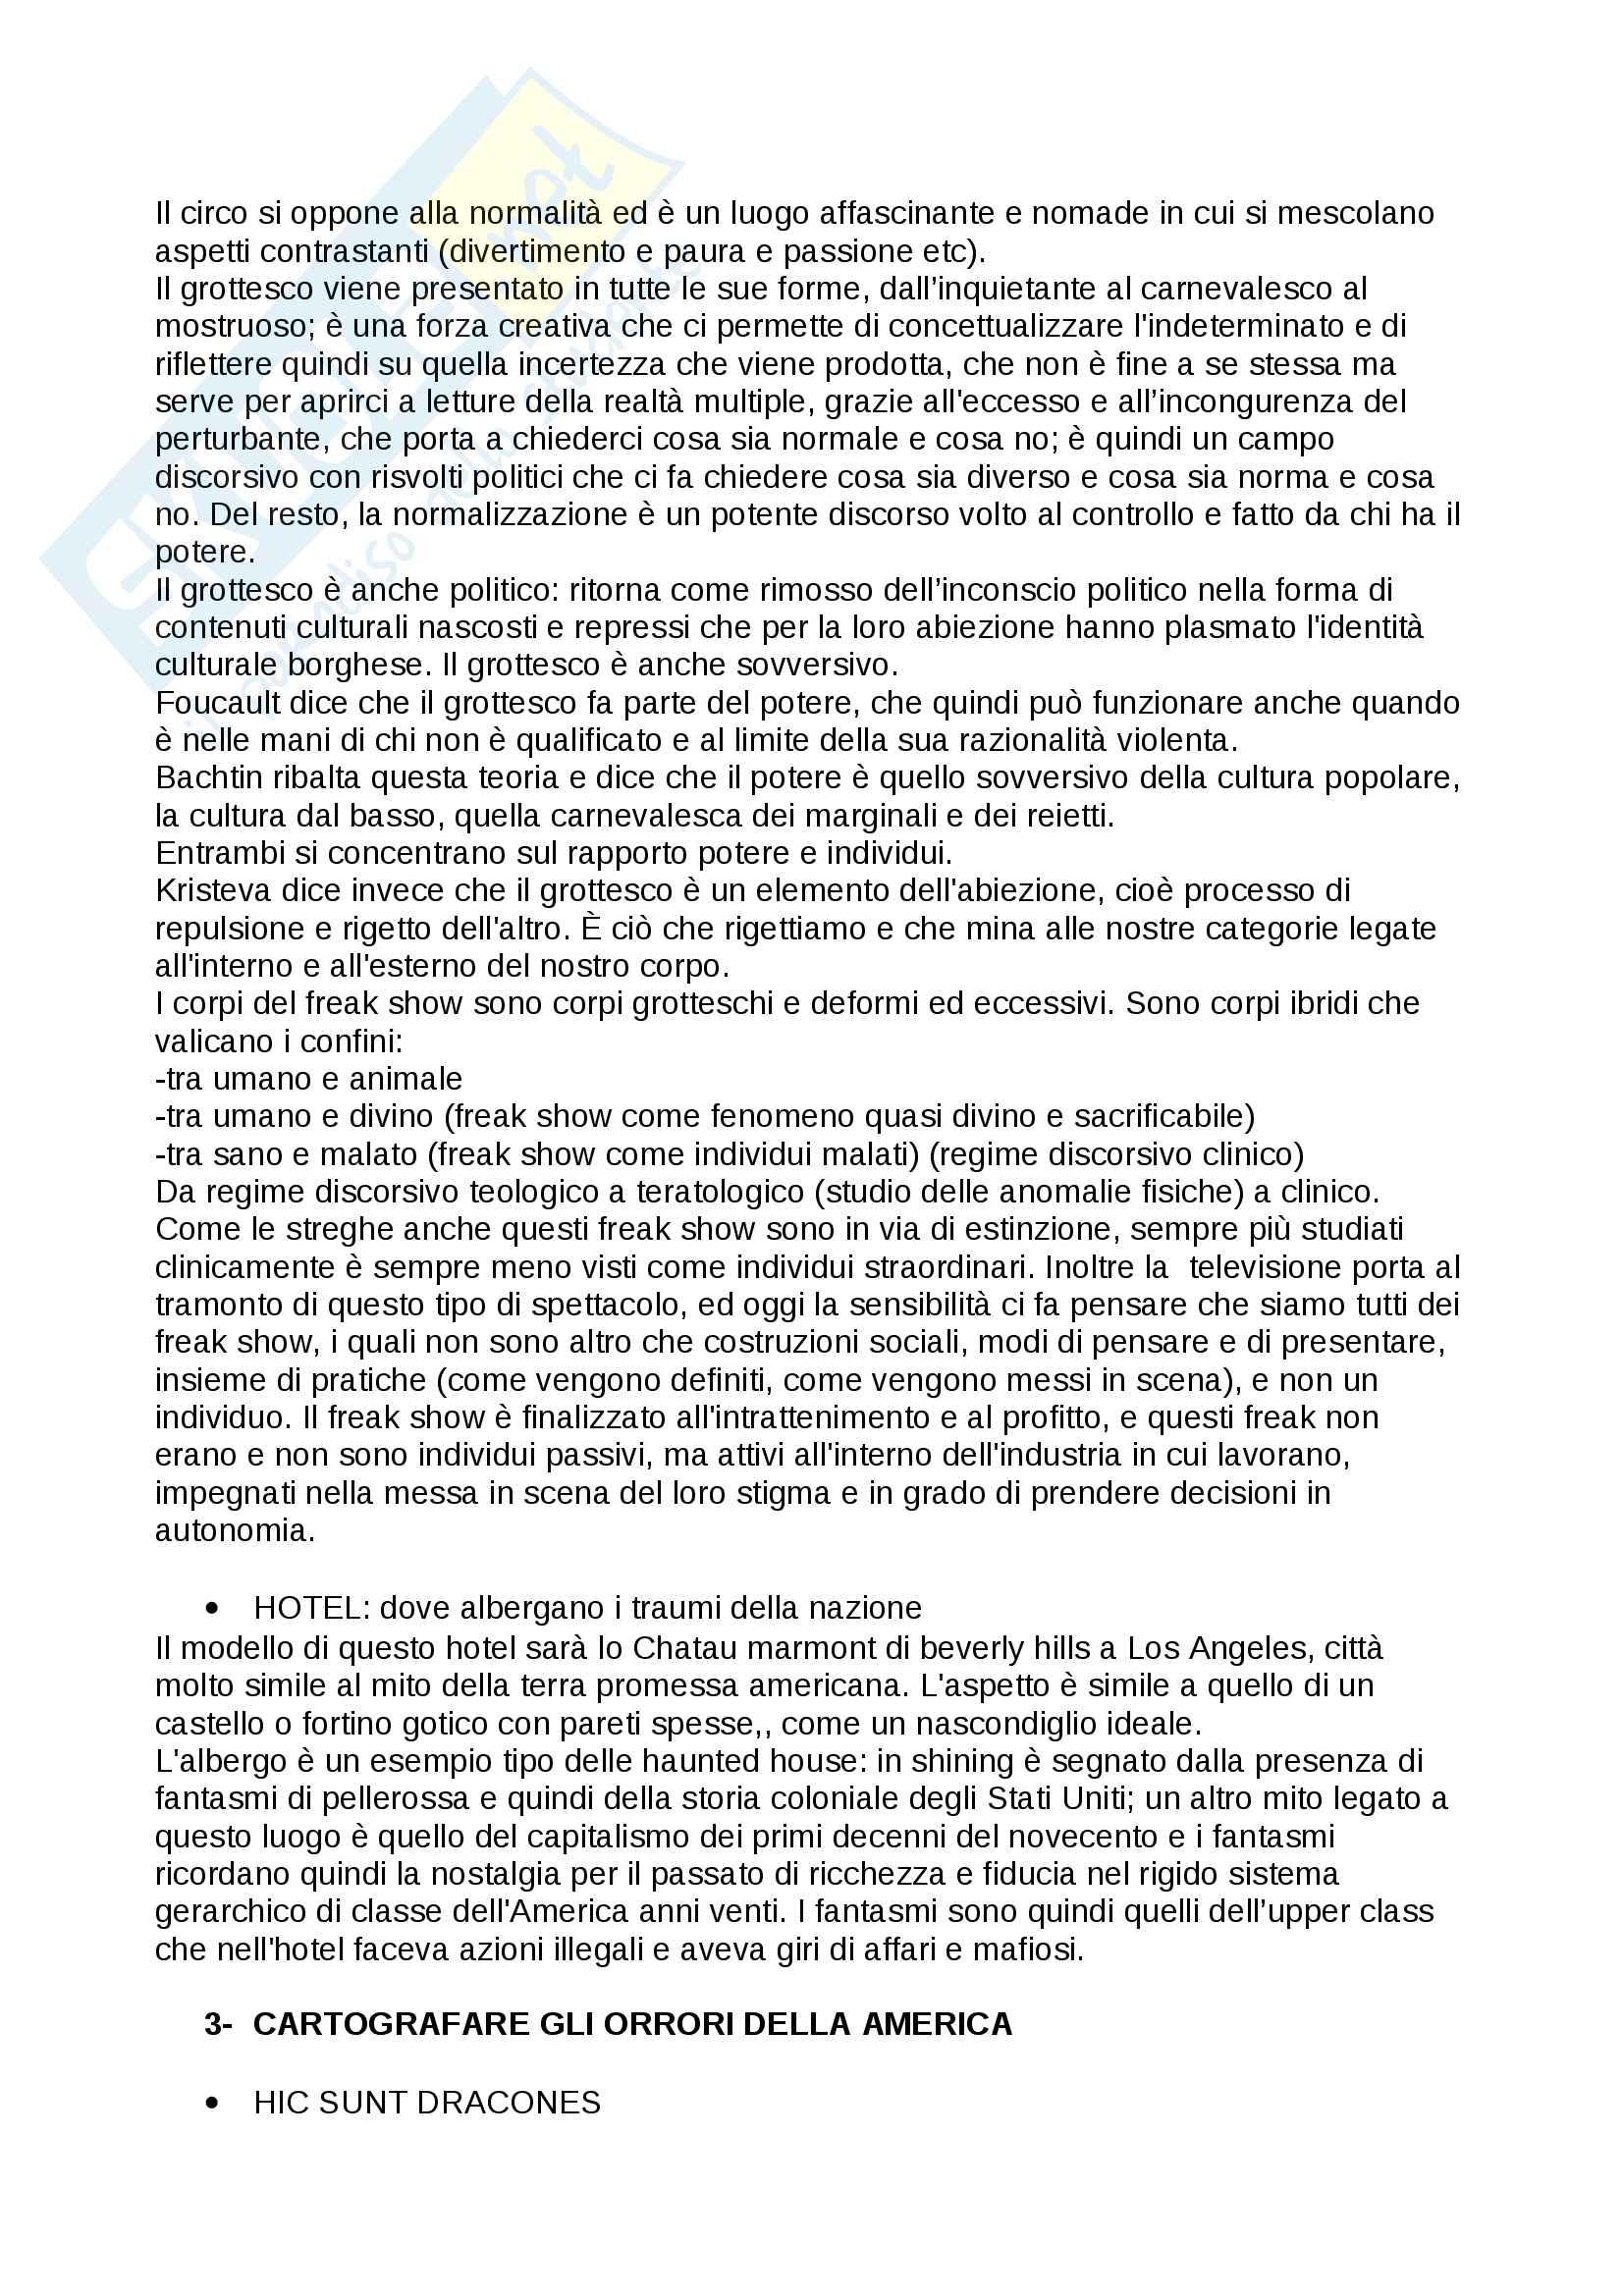 Riassunto esame sociolinguistica, professore Boni Federico, libro consigliato American Horror Story, Boni Pag. 6